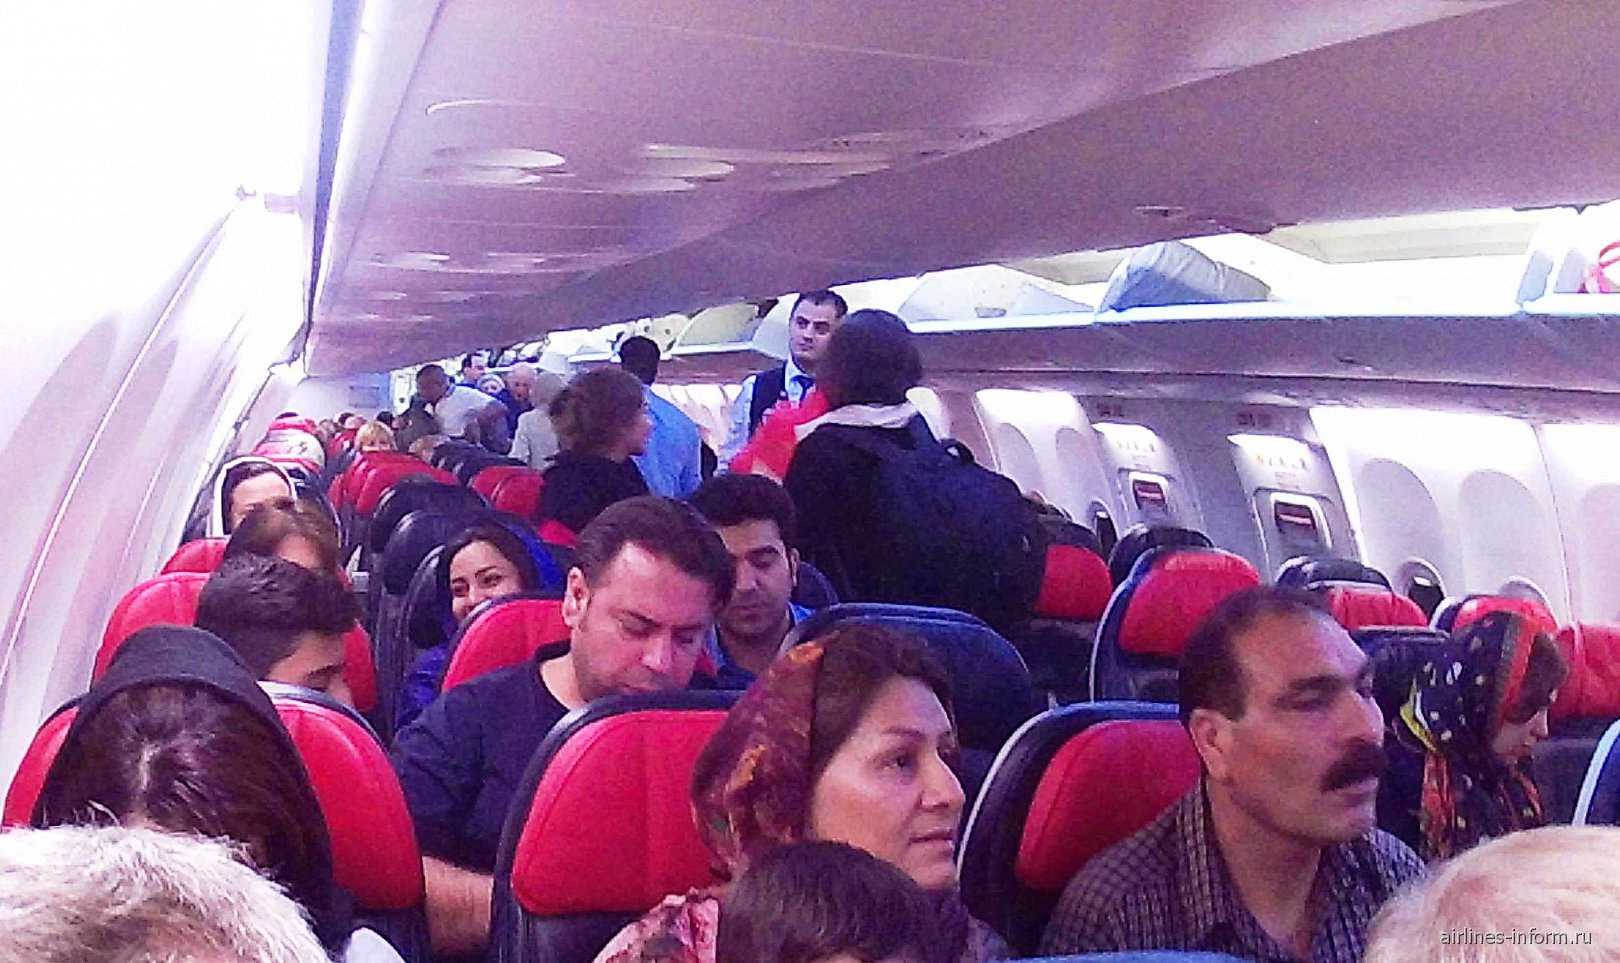 Салон самолета Боинг-737-800 Турецких авиалиний